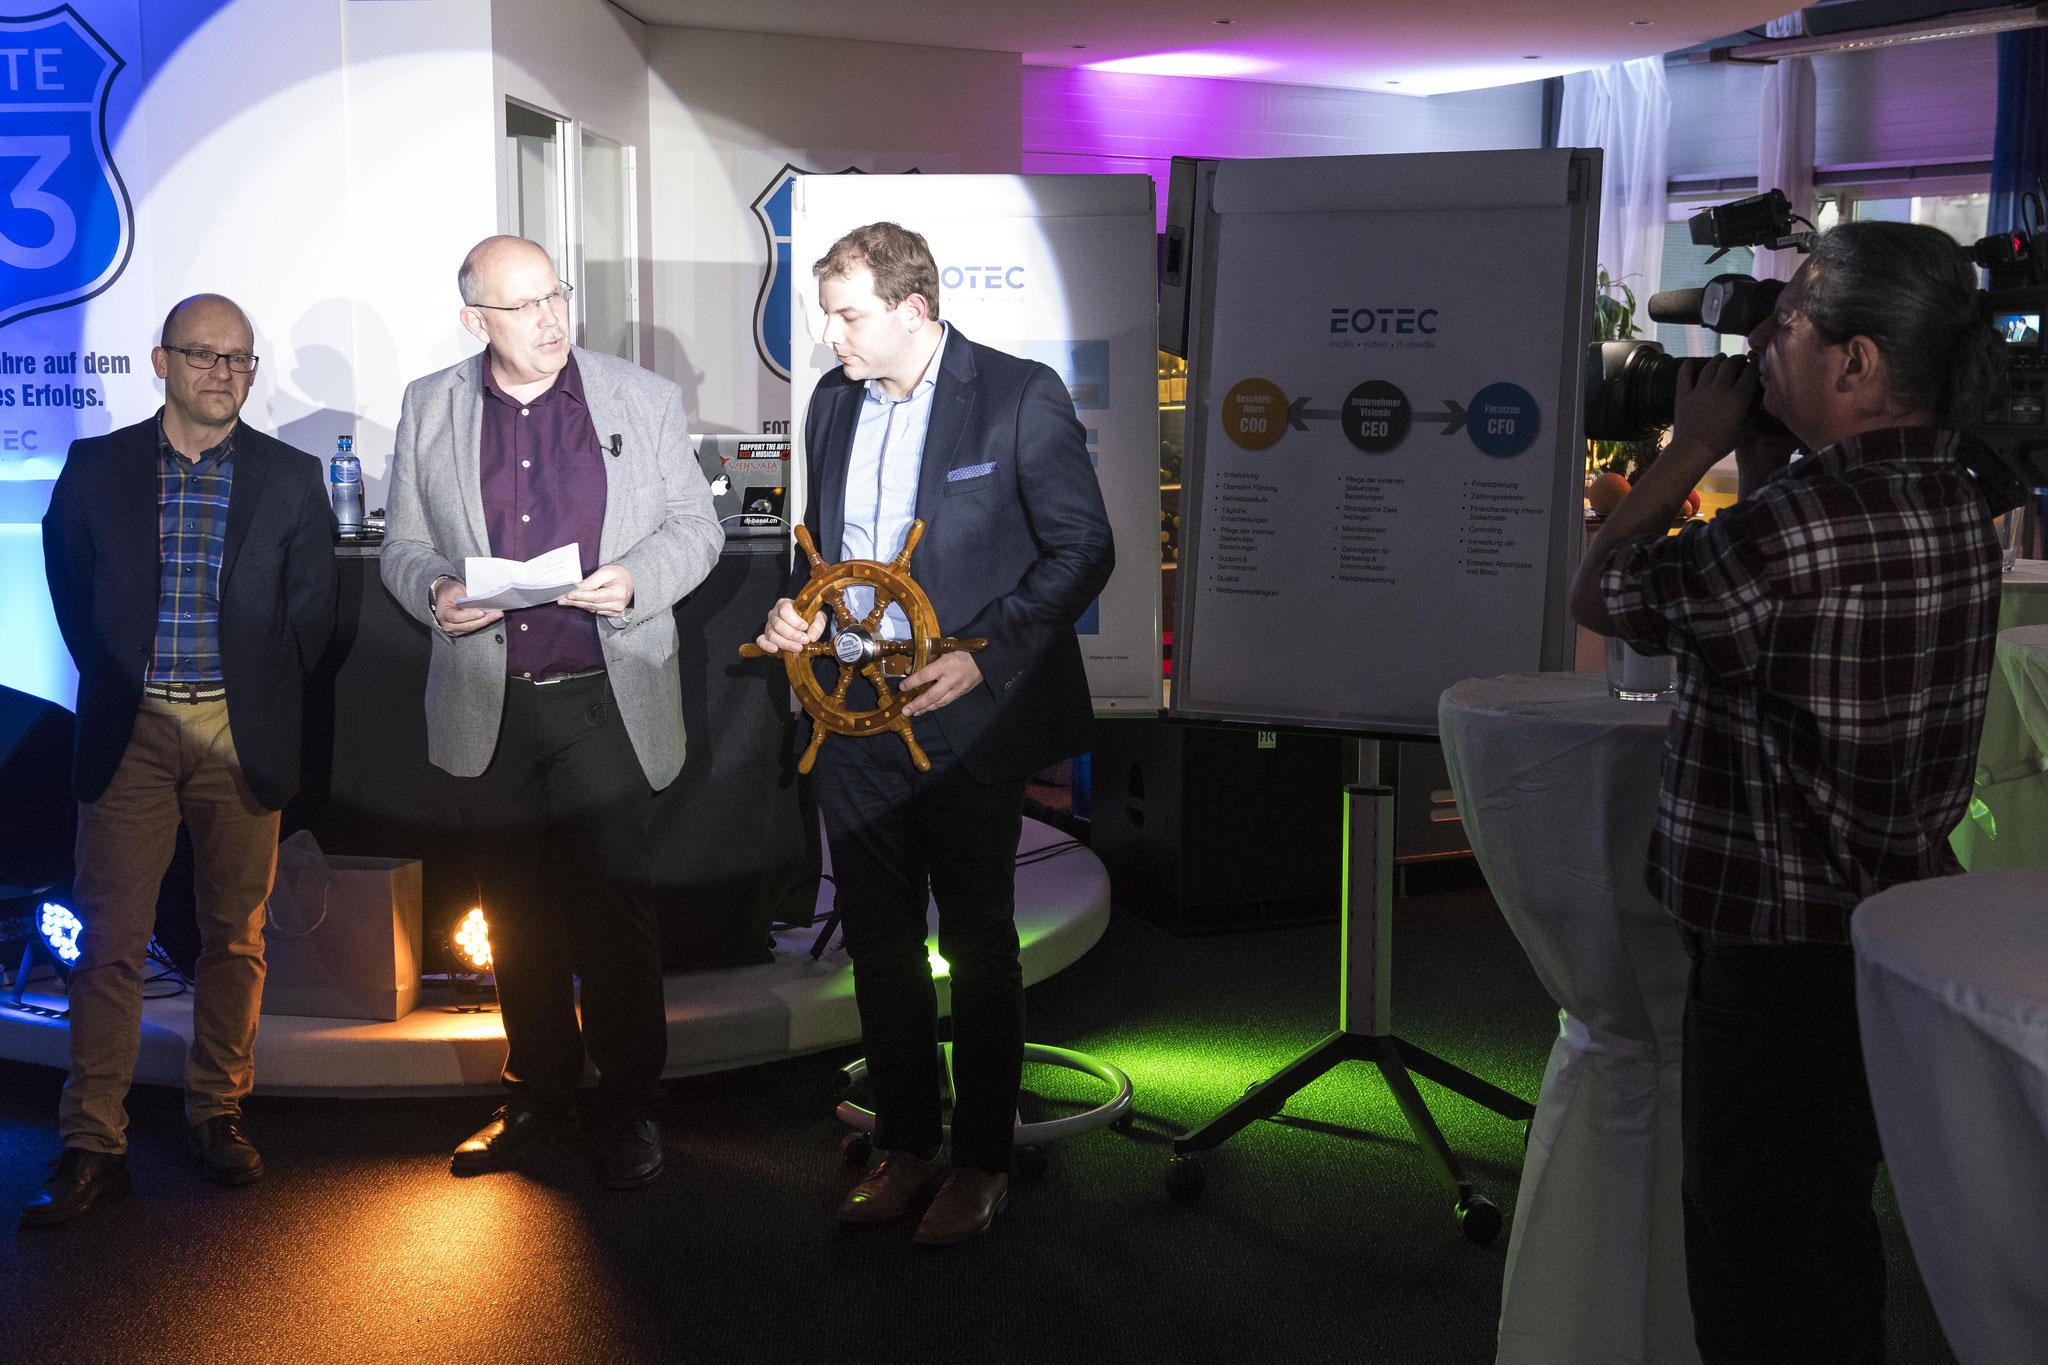 Stefan Schröder Martin Hänggi 33 Jahre Eotec AG